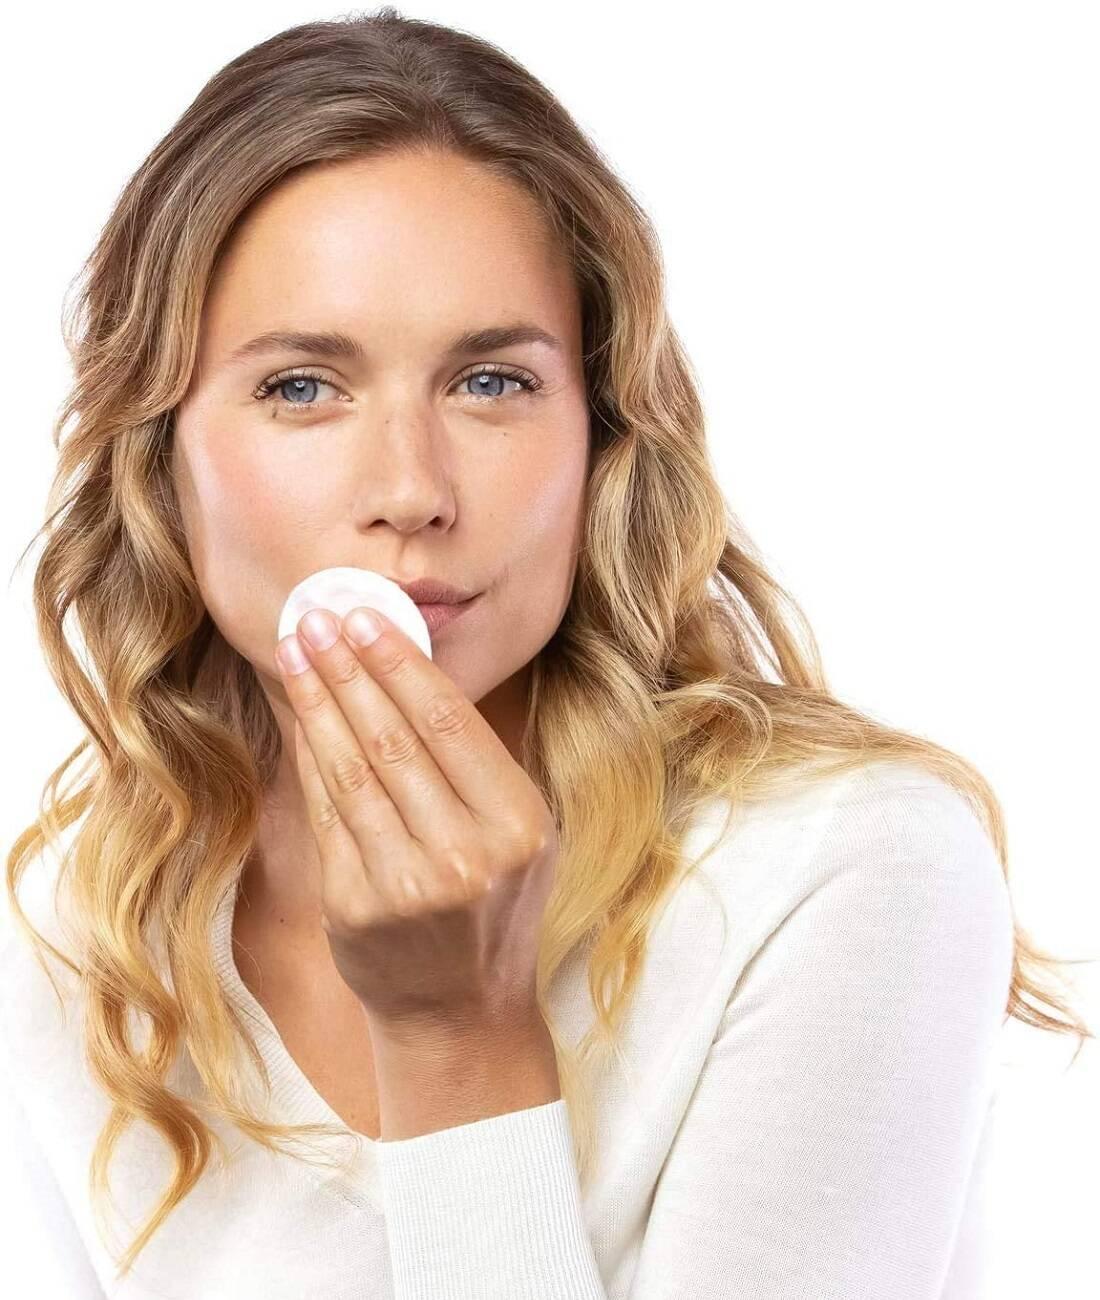 میسلار واتر شیری برند گارنیر مناسب برای پاک کردن آرایش صورت، لب و چشم